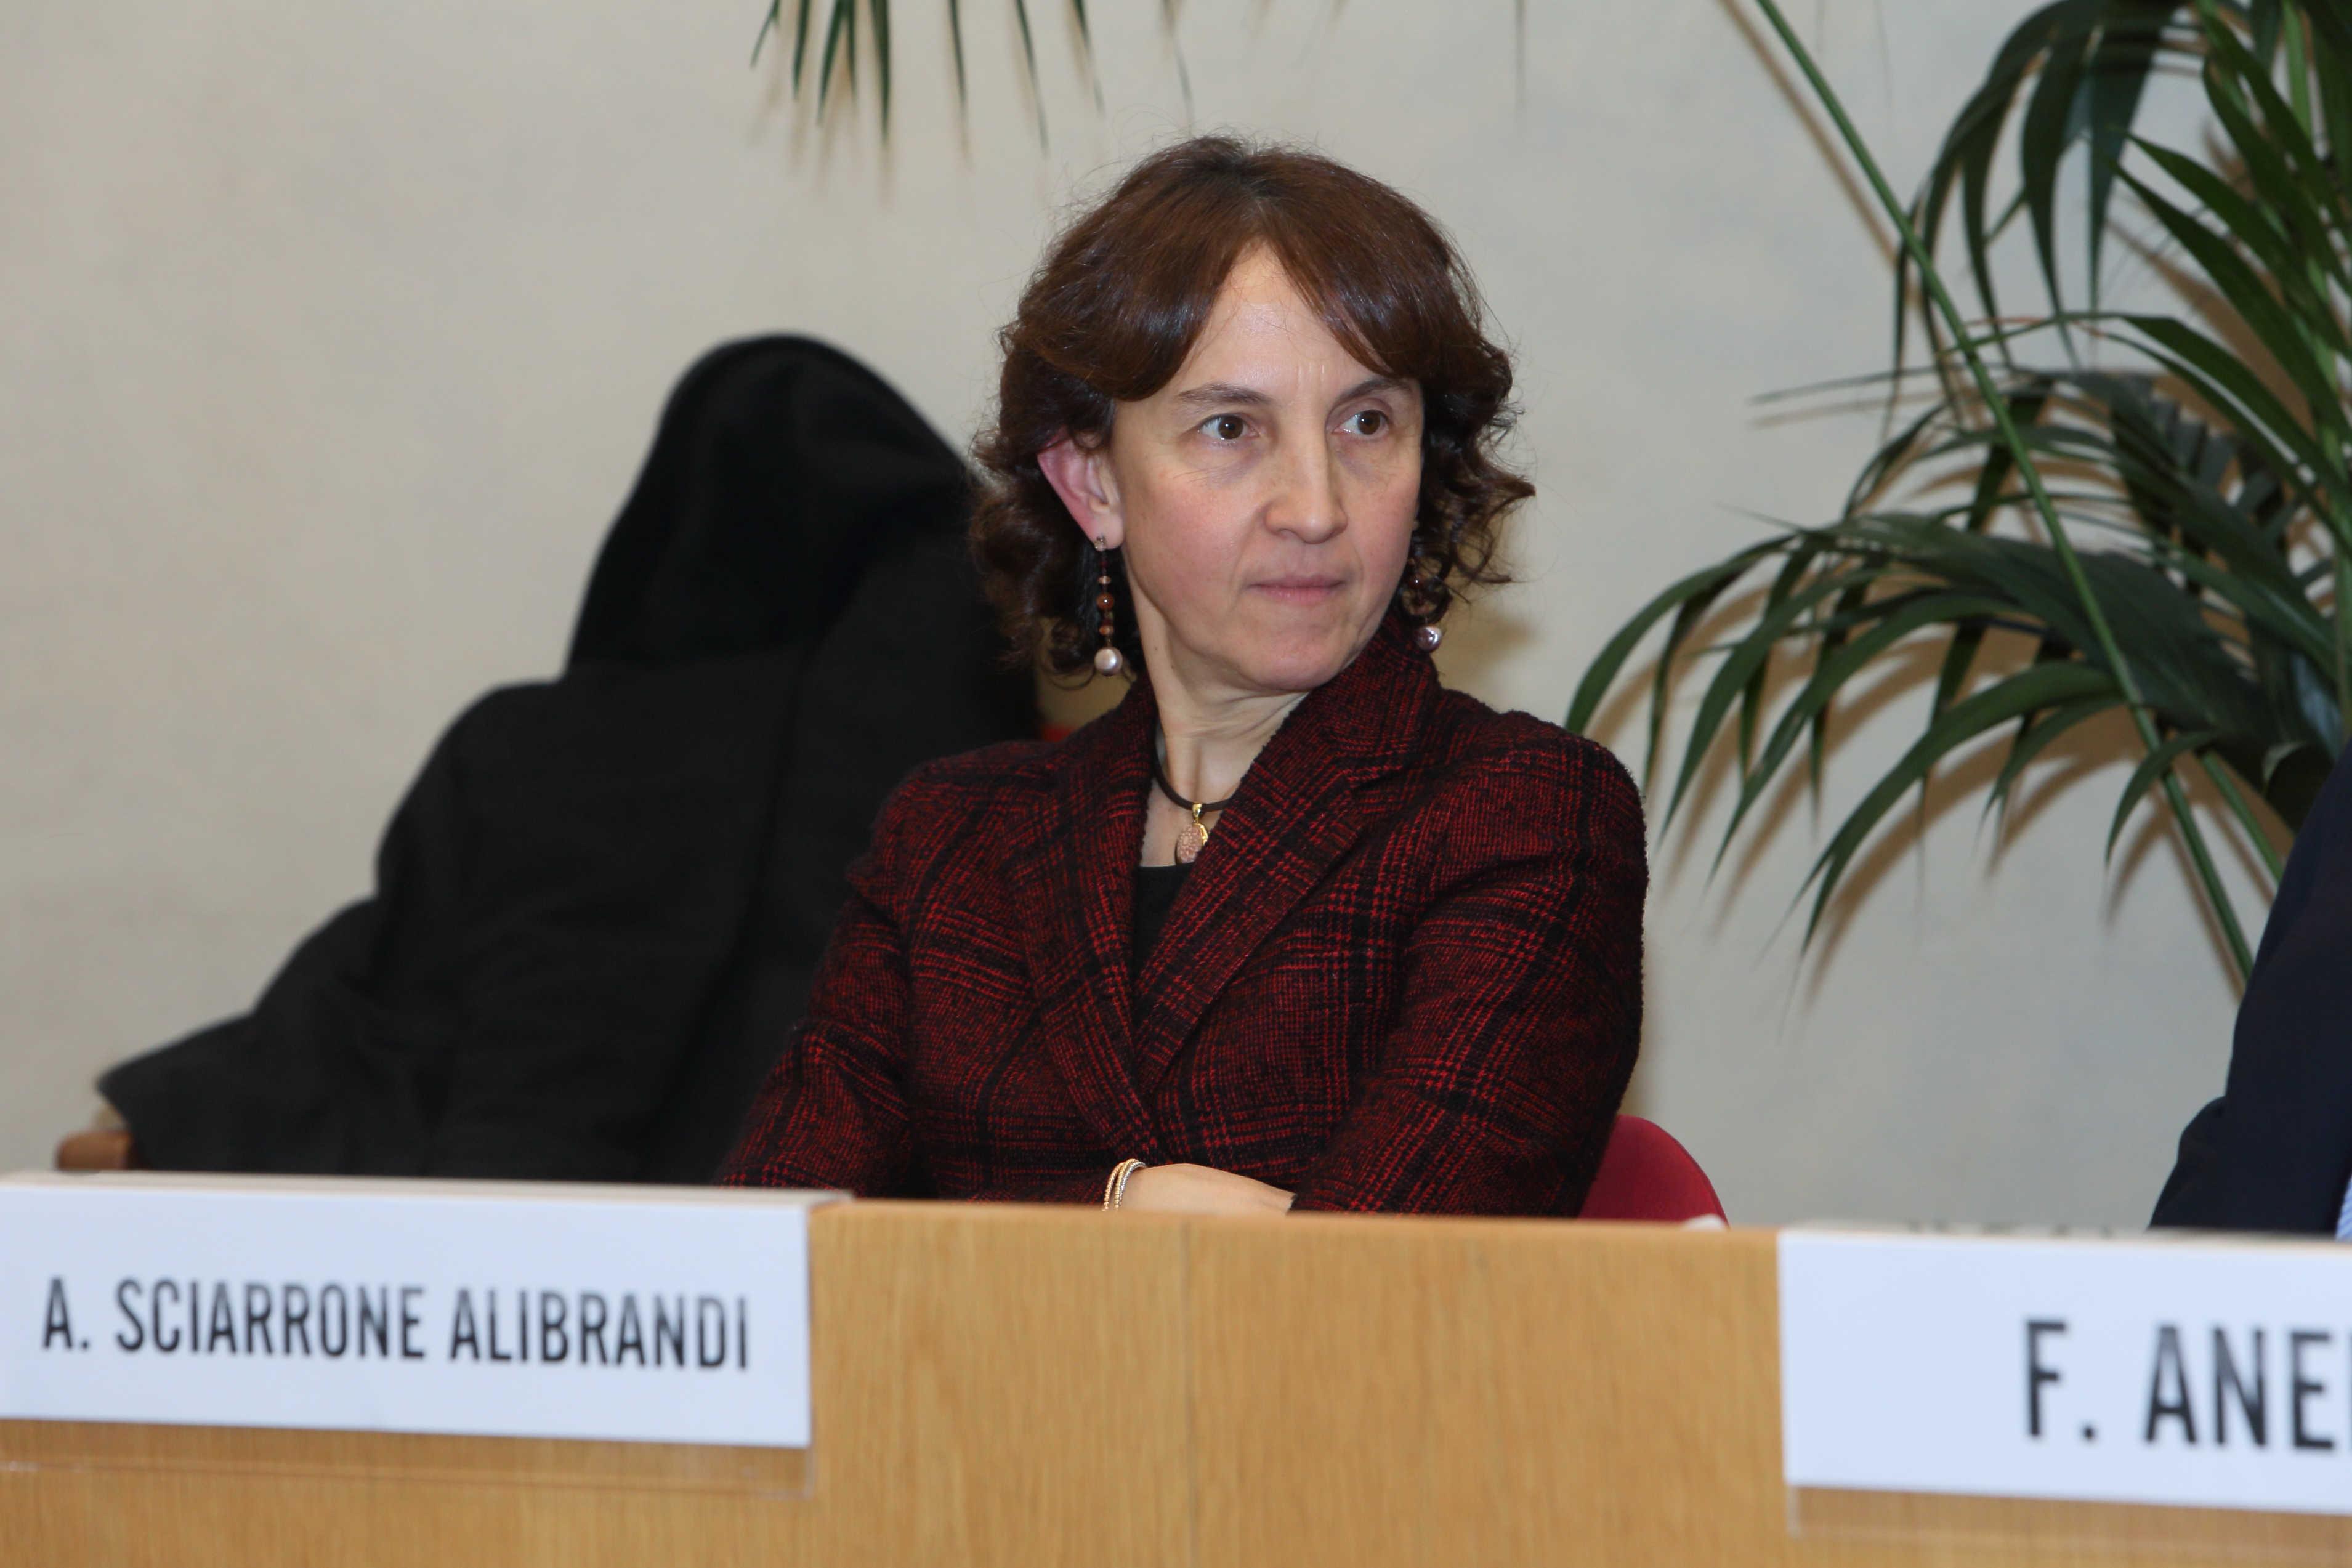 Antonella Sciarrone Alibrandi